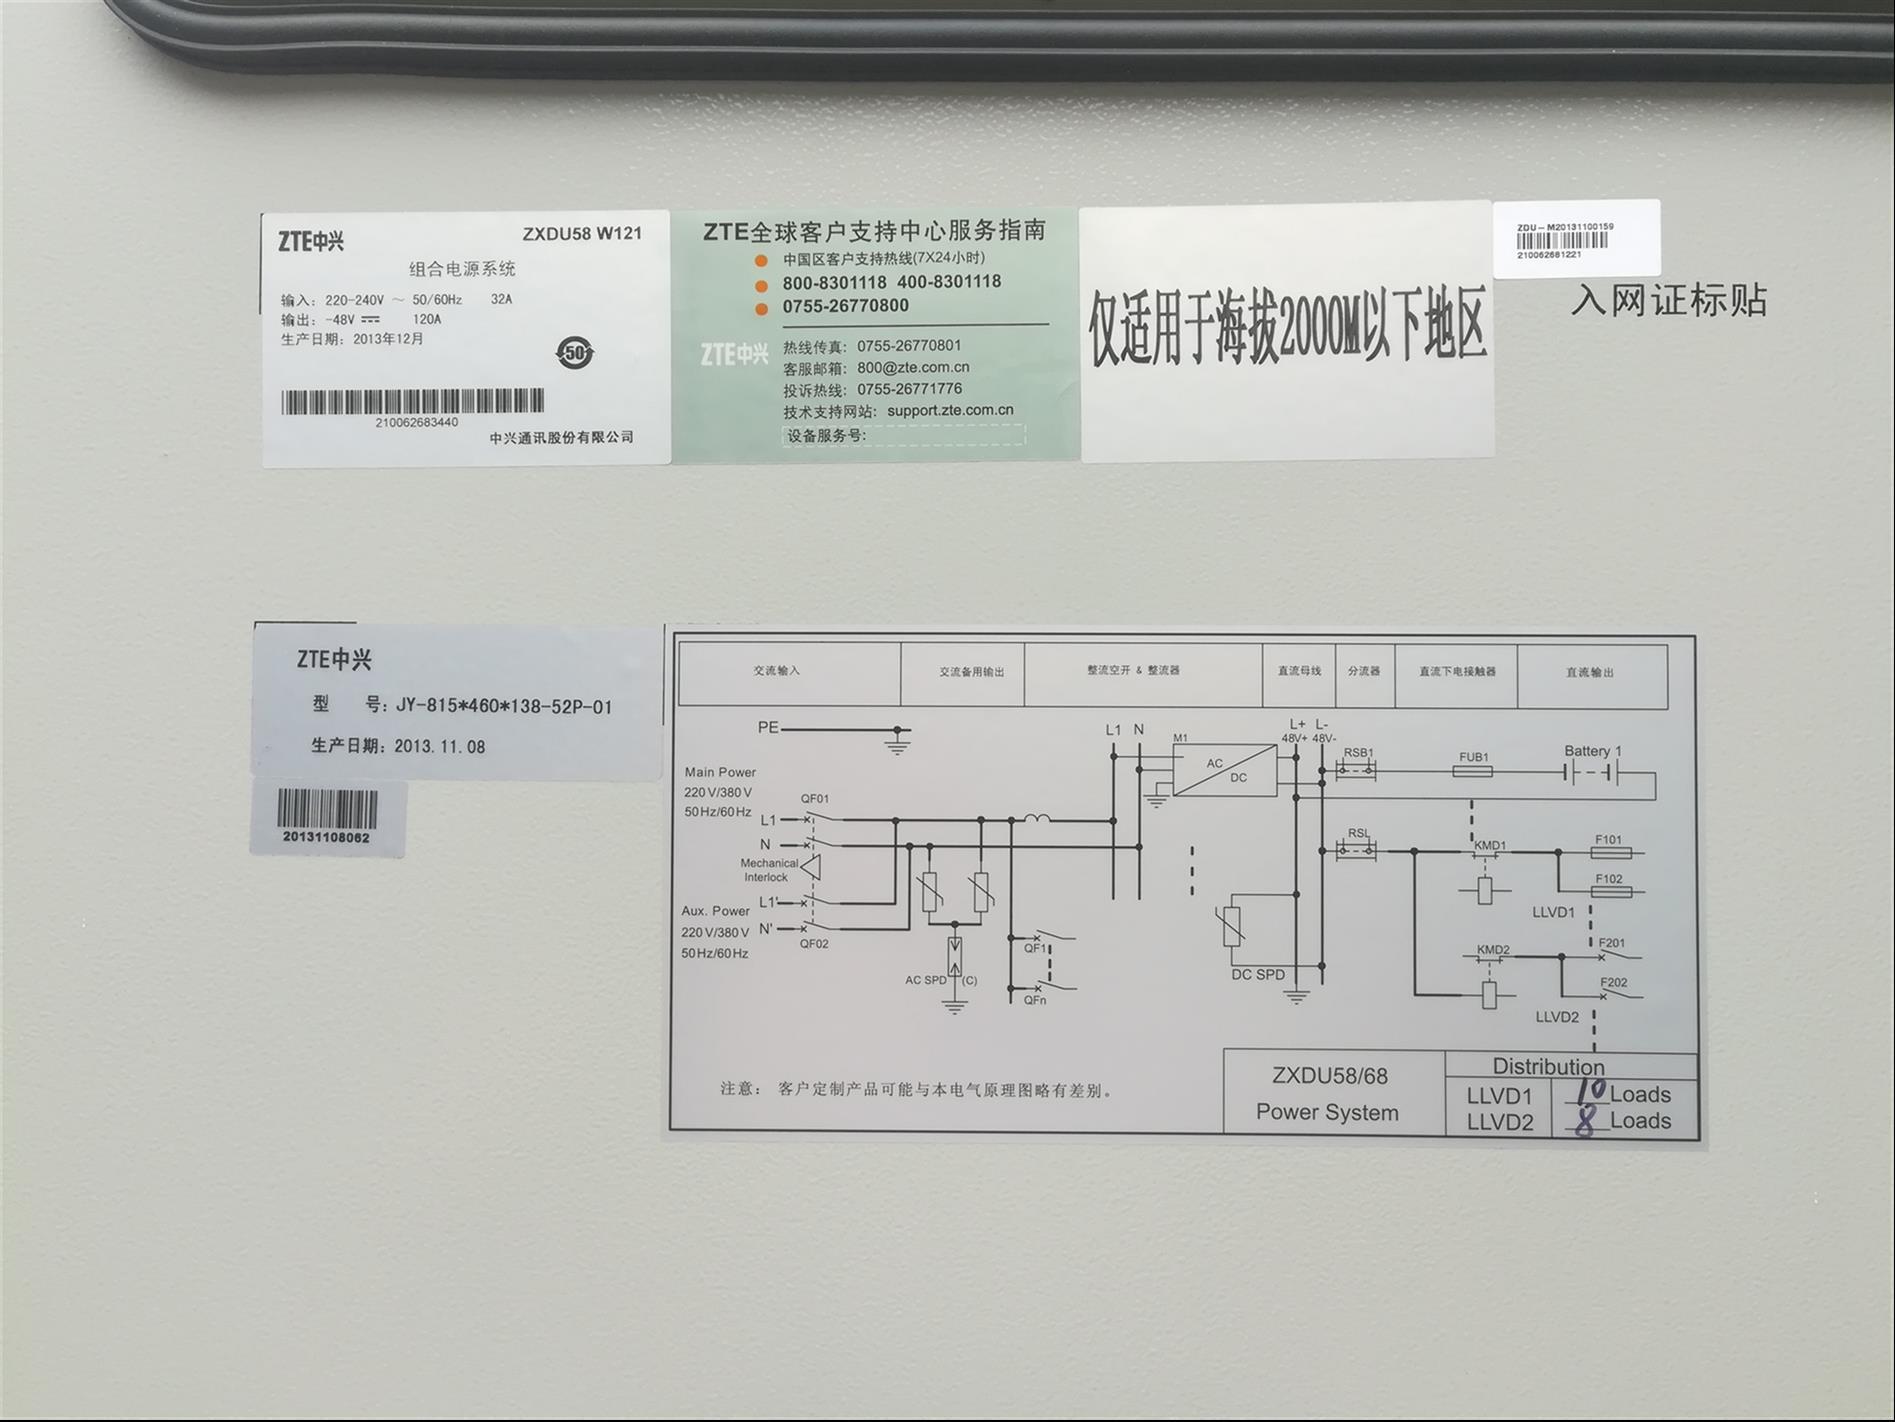 滁州中兴ZXDU58W121室外电源费用